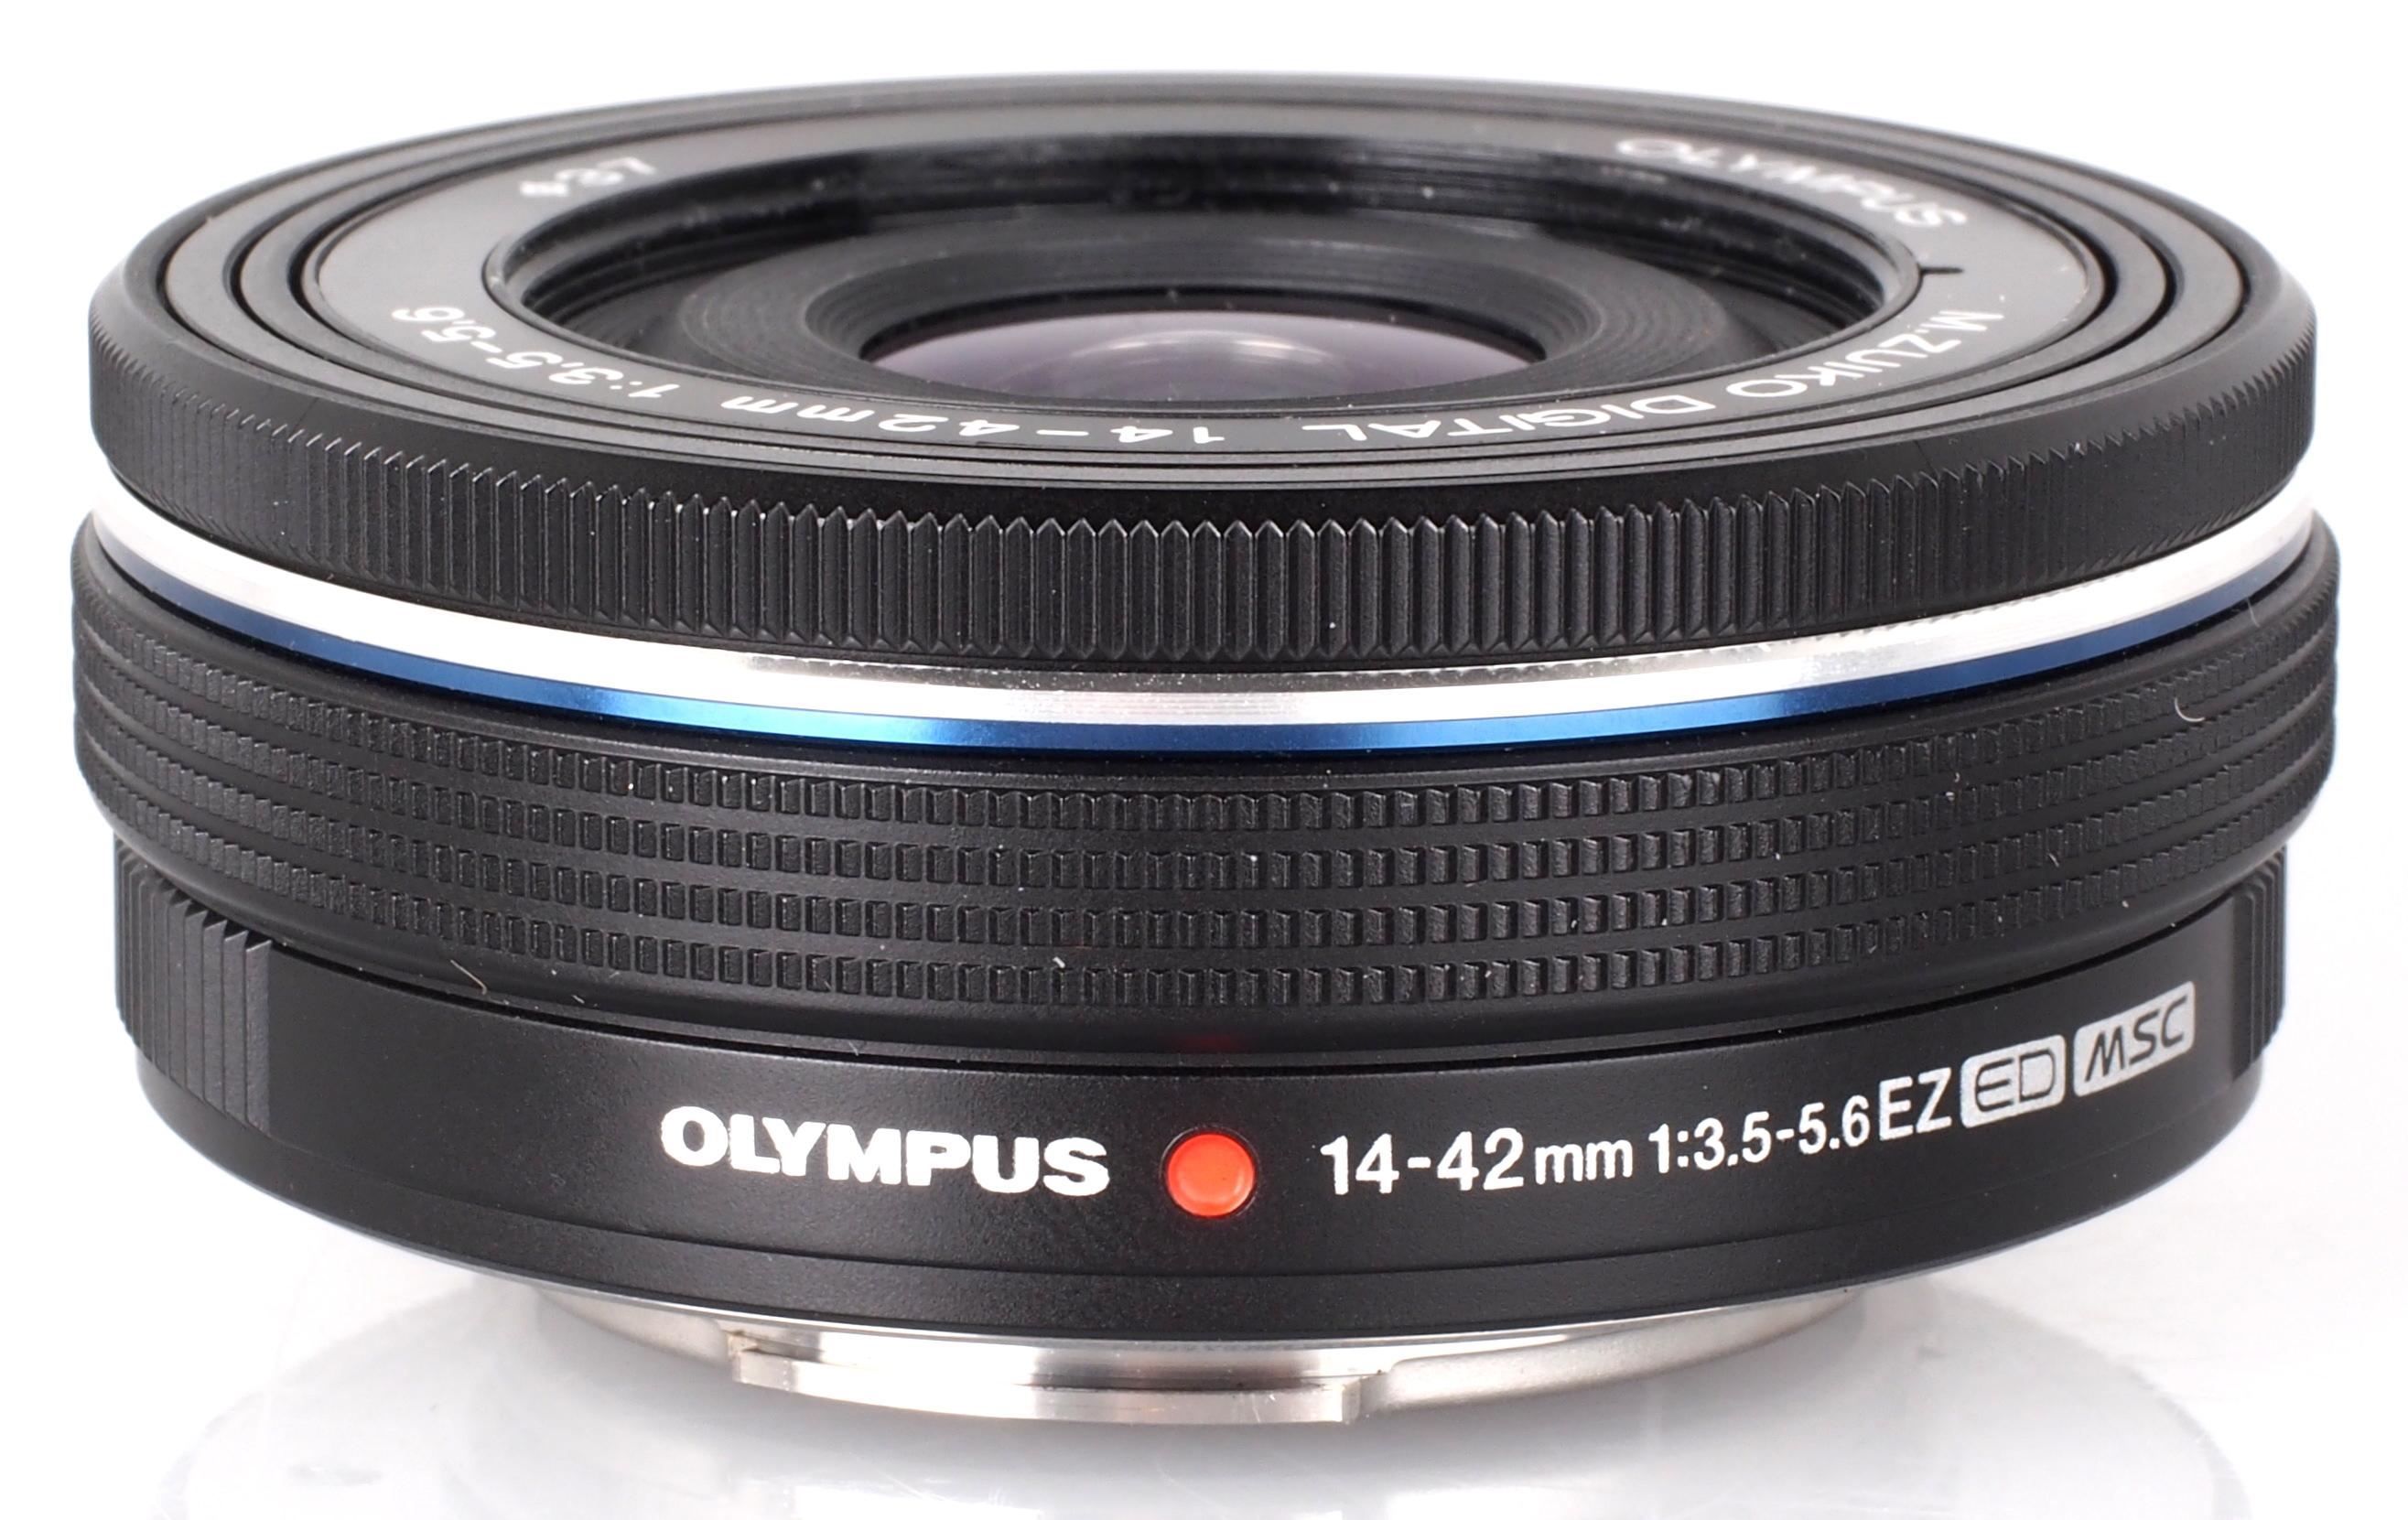 Olympus M. Zuiko 14-42mm f/3.5-5.6 EZ ED MSC Lens Review